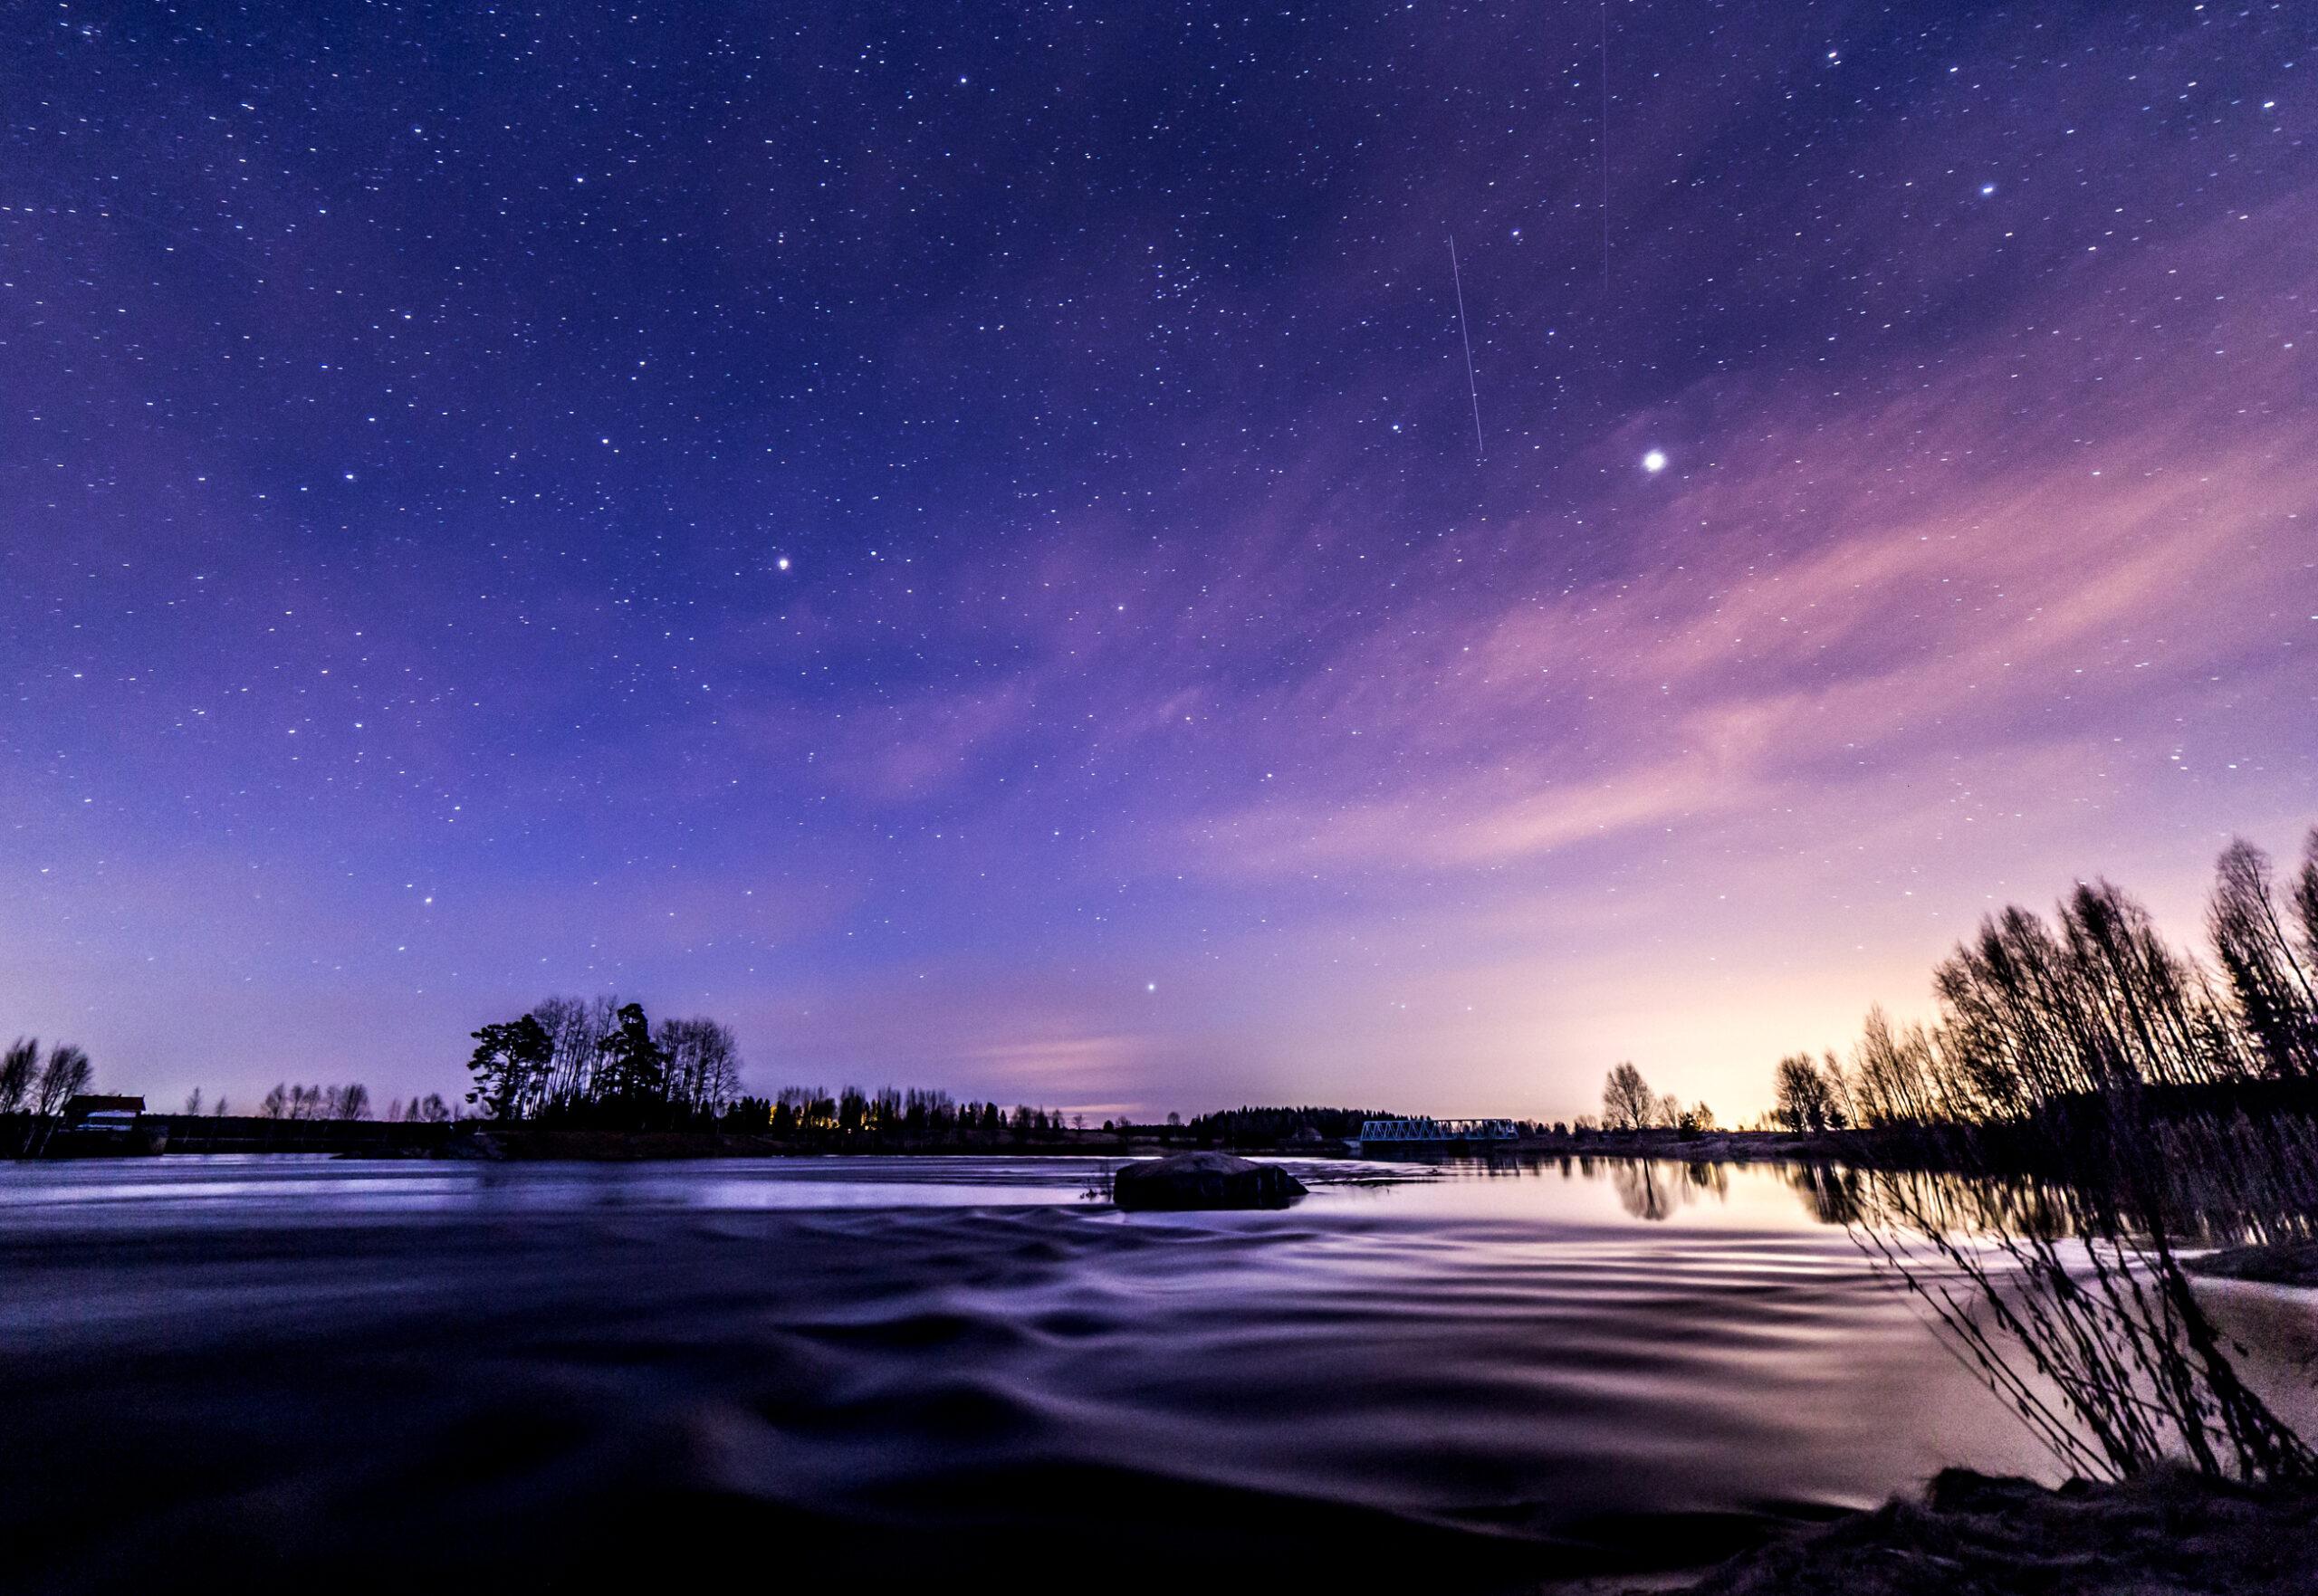 満天の星空を見る夢